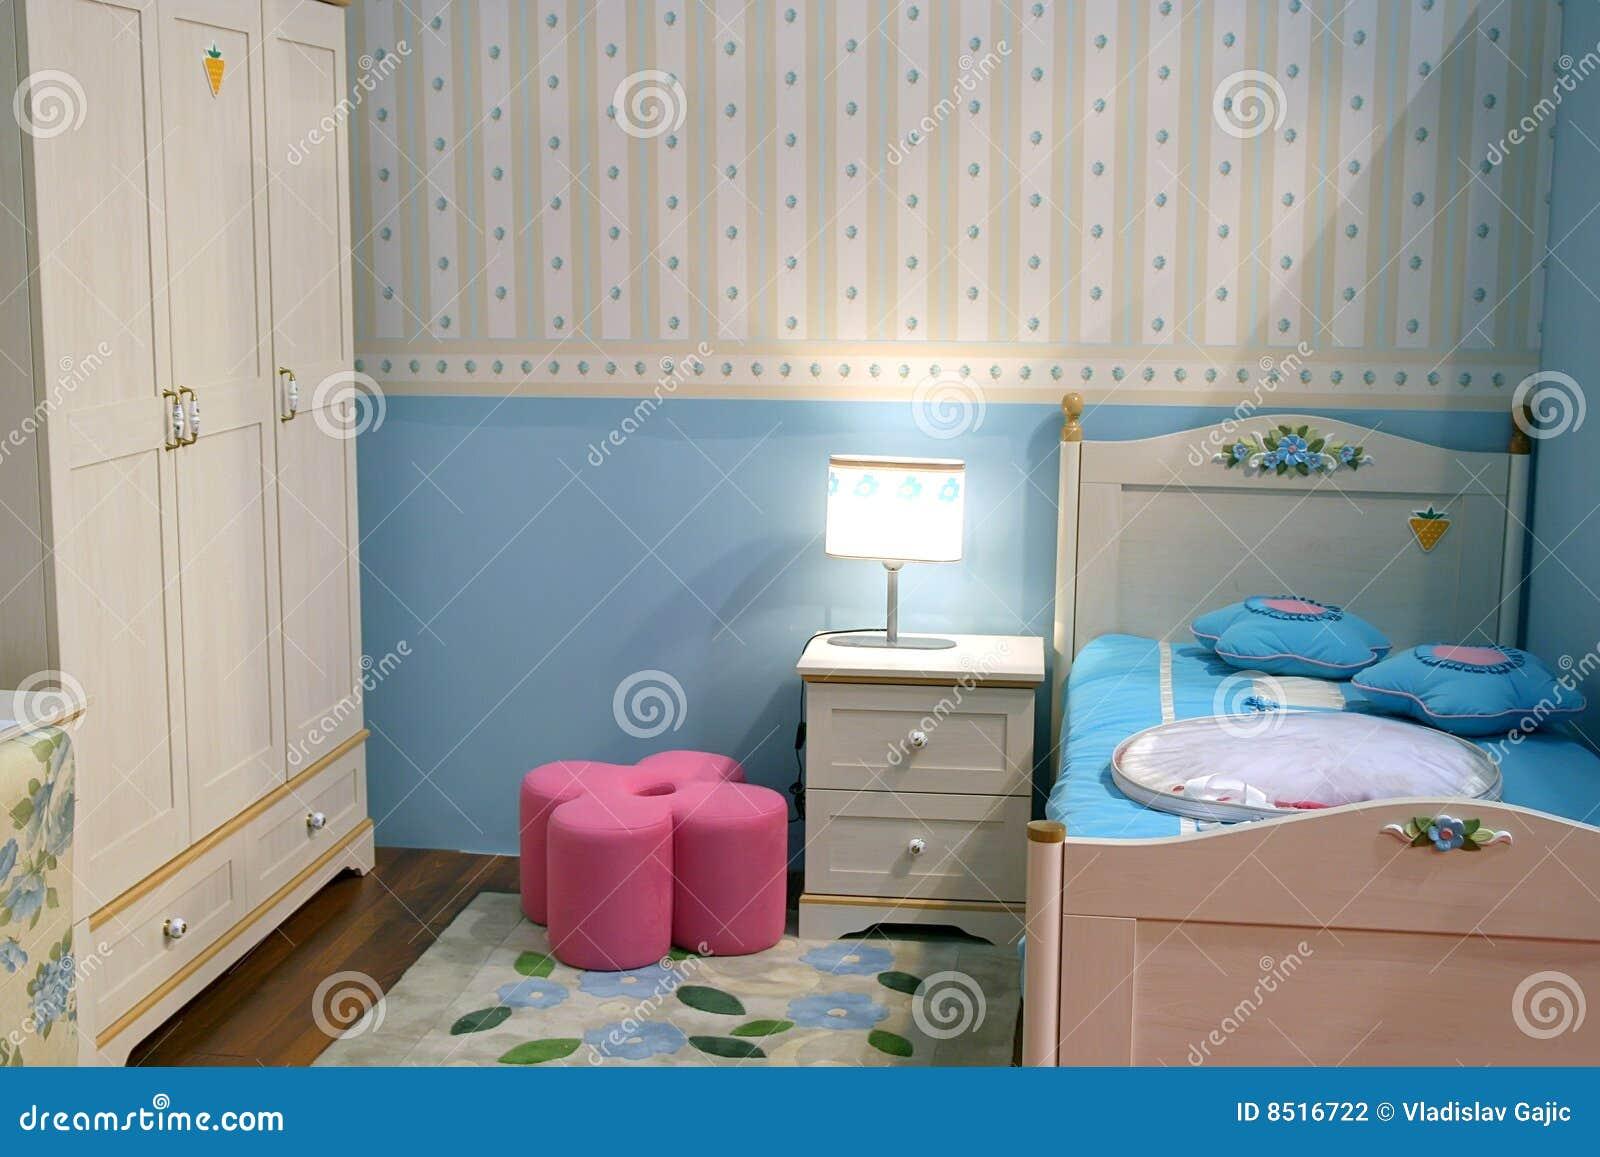 Kindschlafzimmer stockfoto. Bild von holz, möbel, modern - 8516722